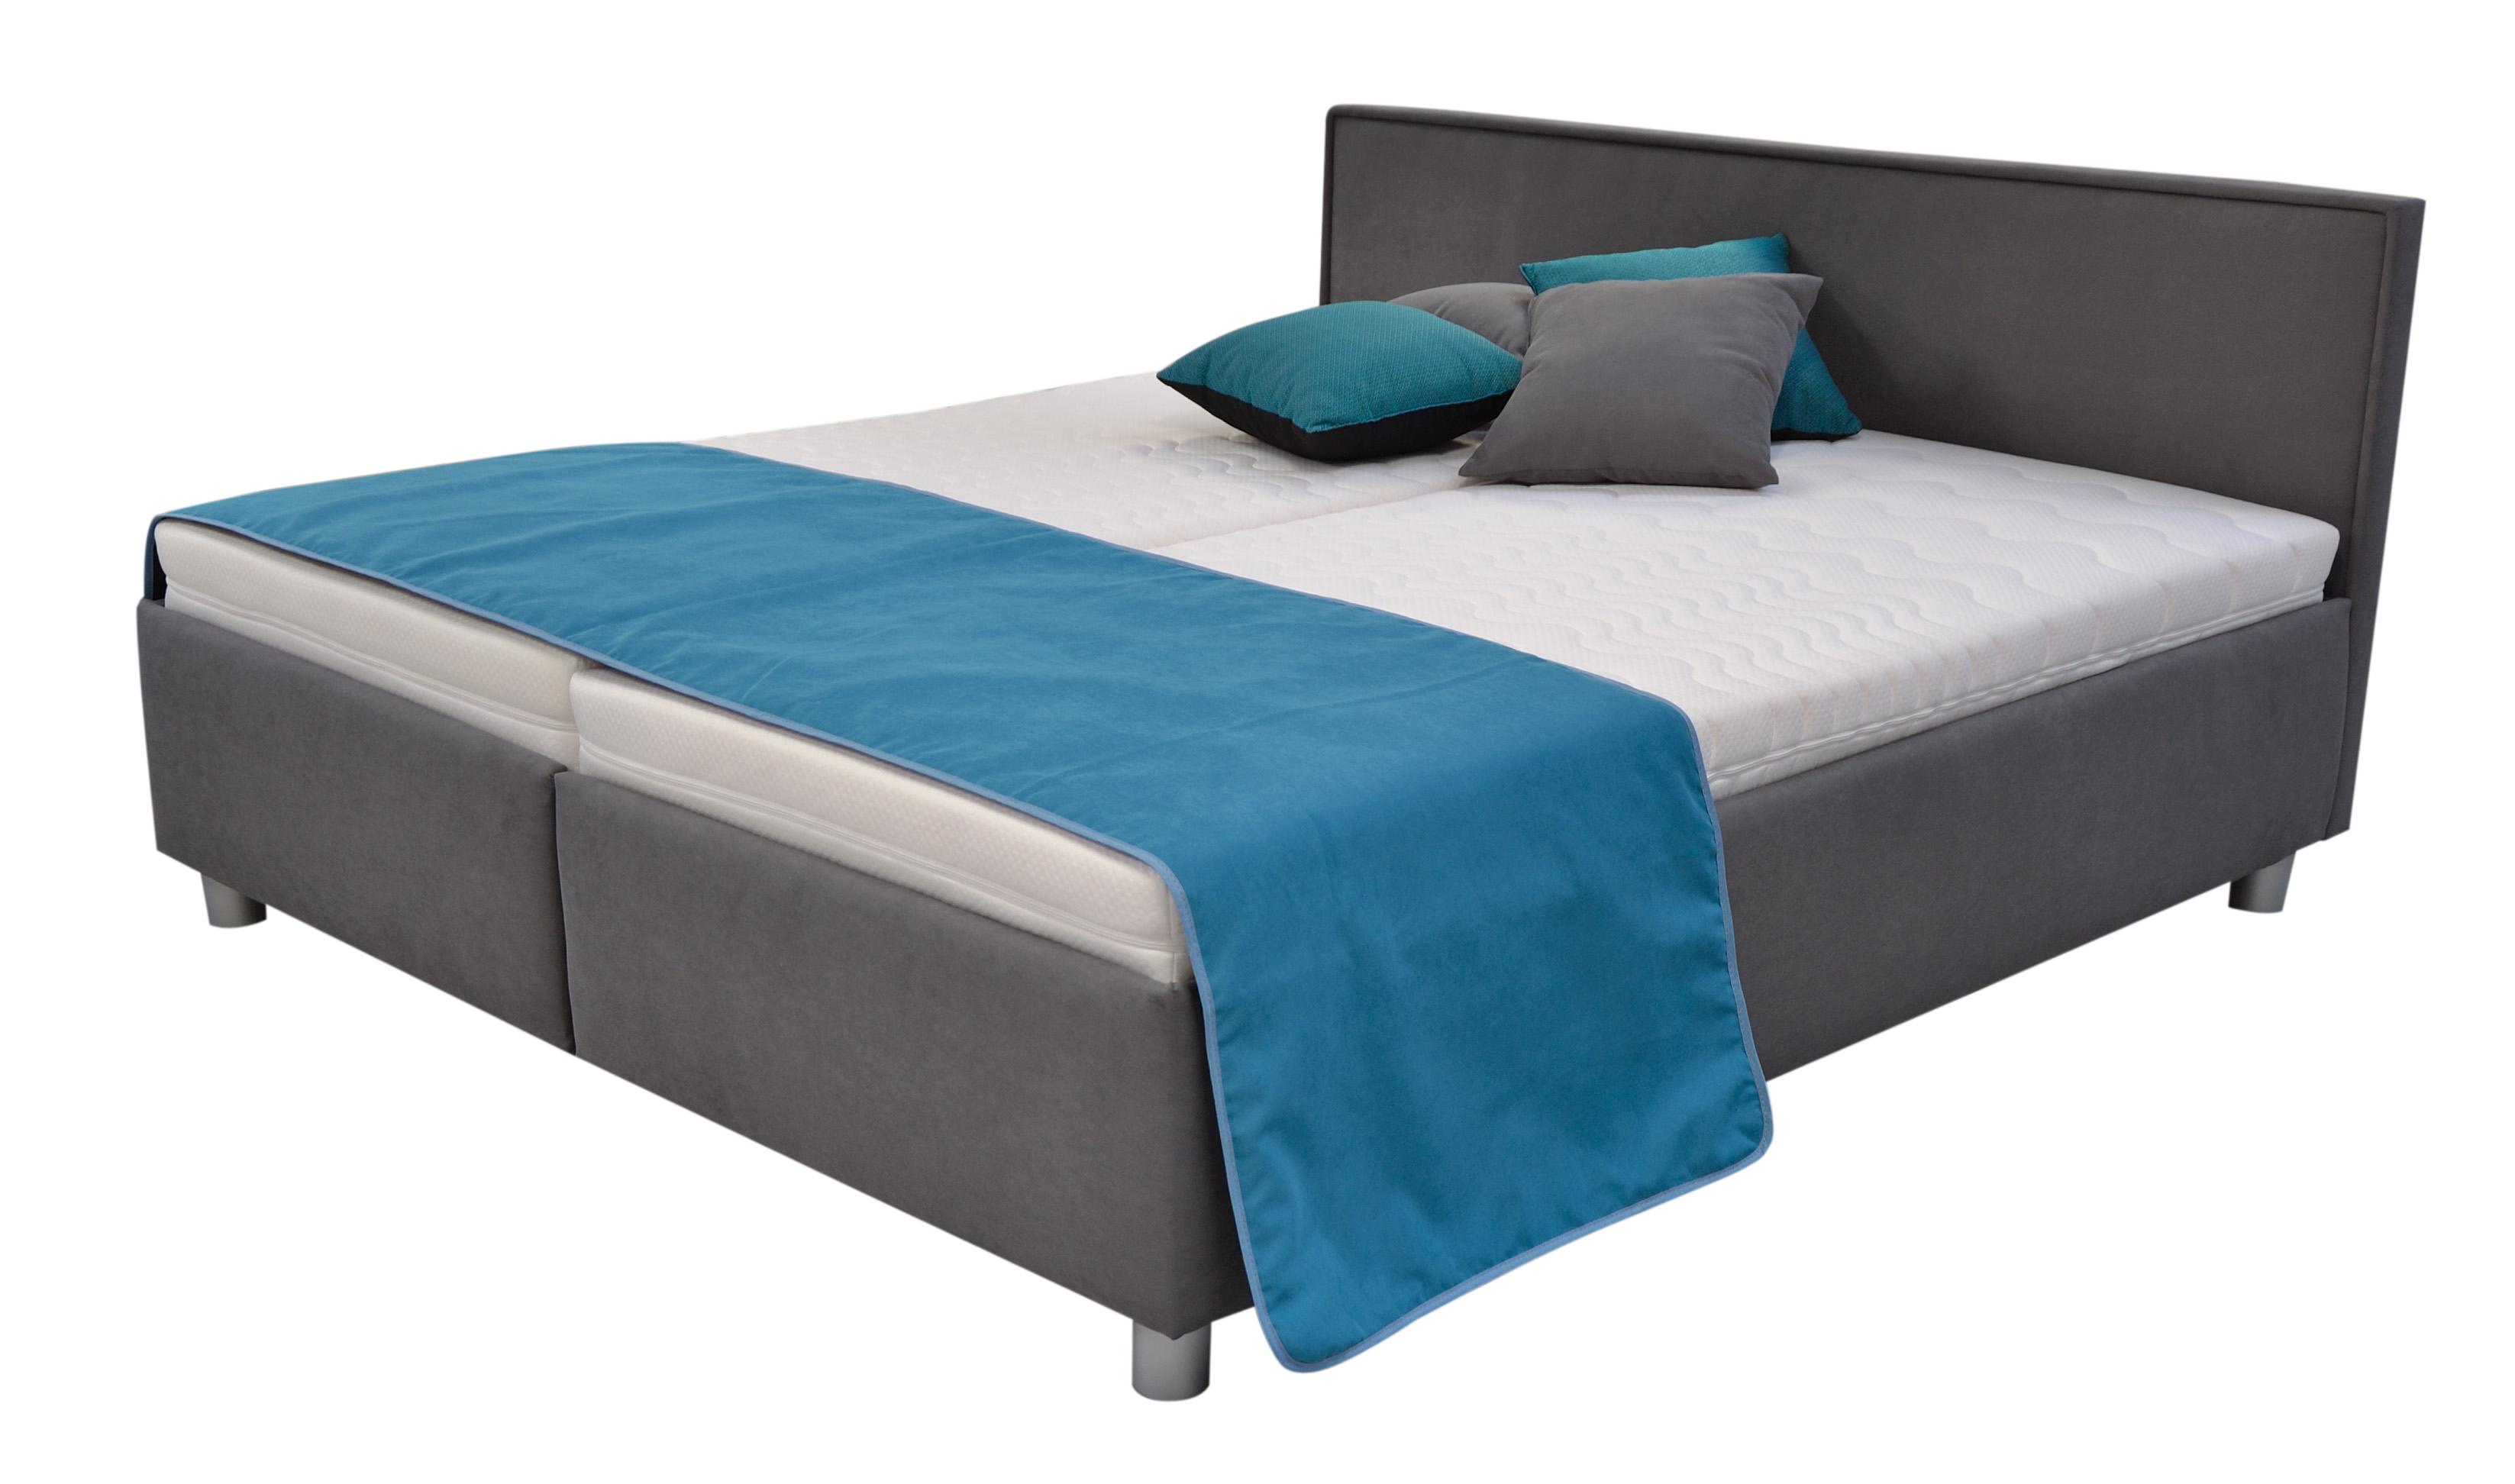 Blanář postel Oregon 180×200 s úložným prostorem (Blanář postel Oregon, matrace Nelly, nosnost 110kg)